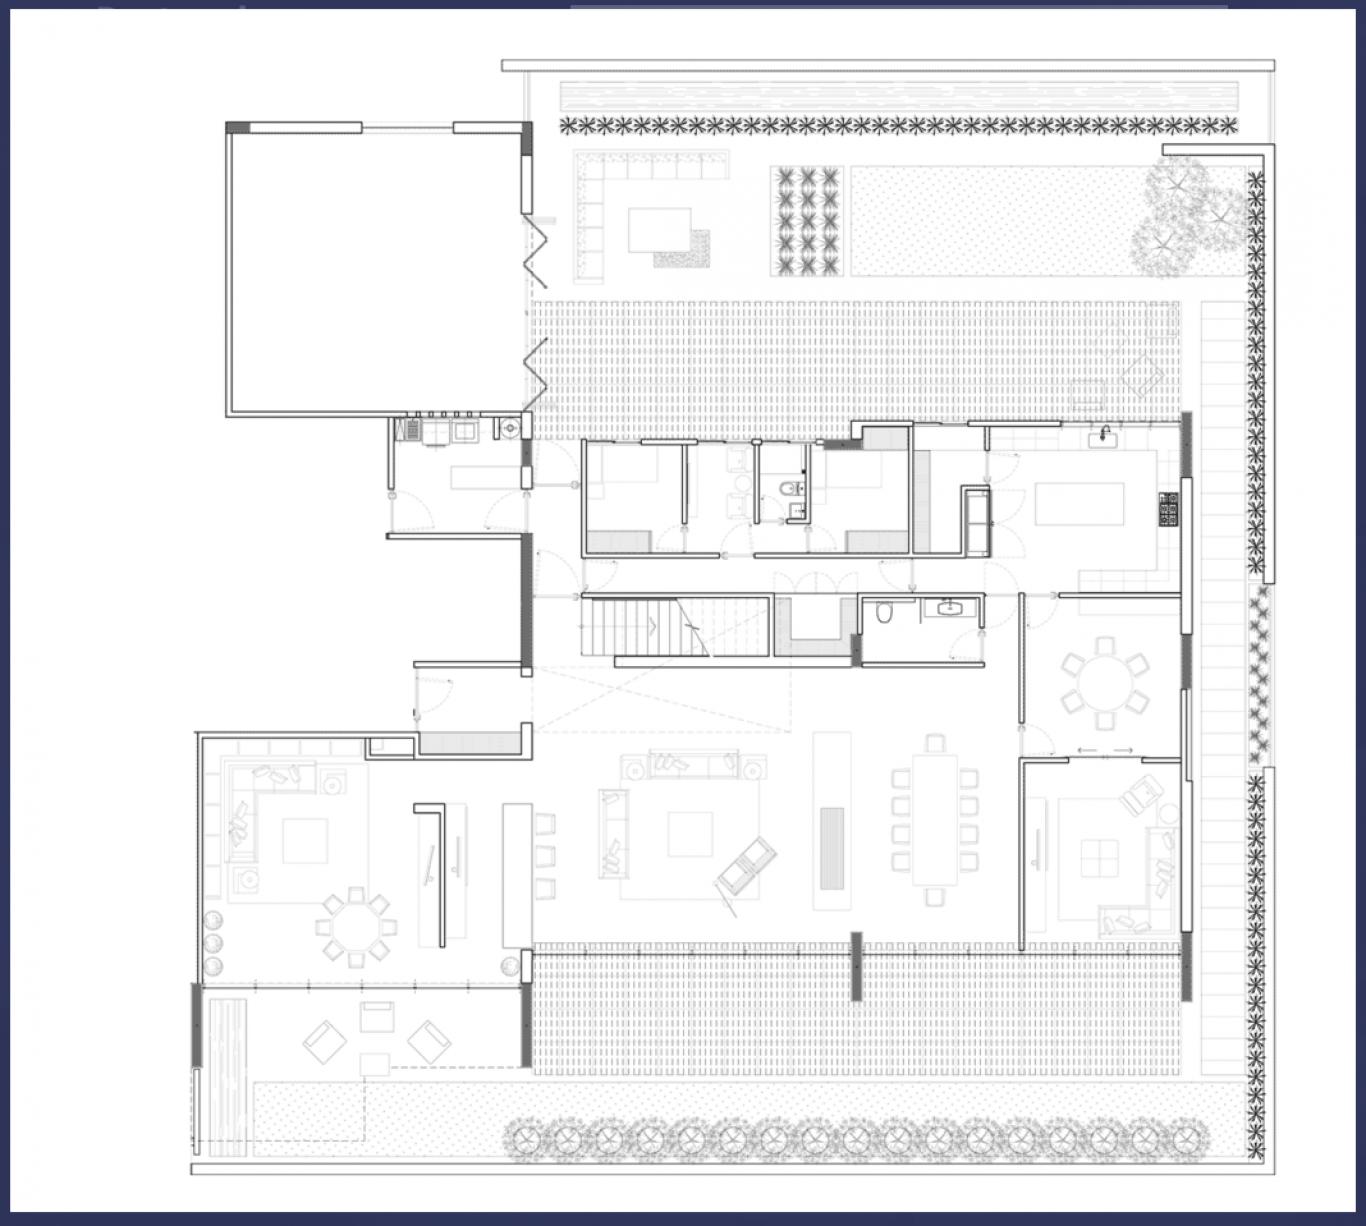 Club residencial bosques, id 1472095, no 2, plano de pentgarden tipo 4, 15